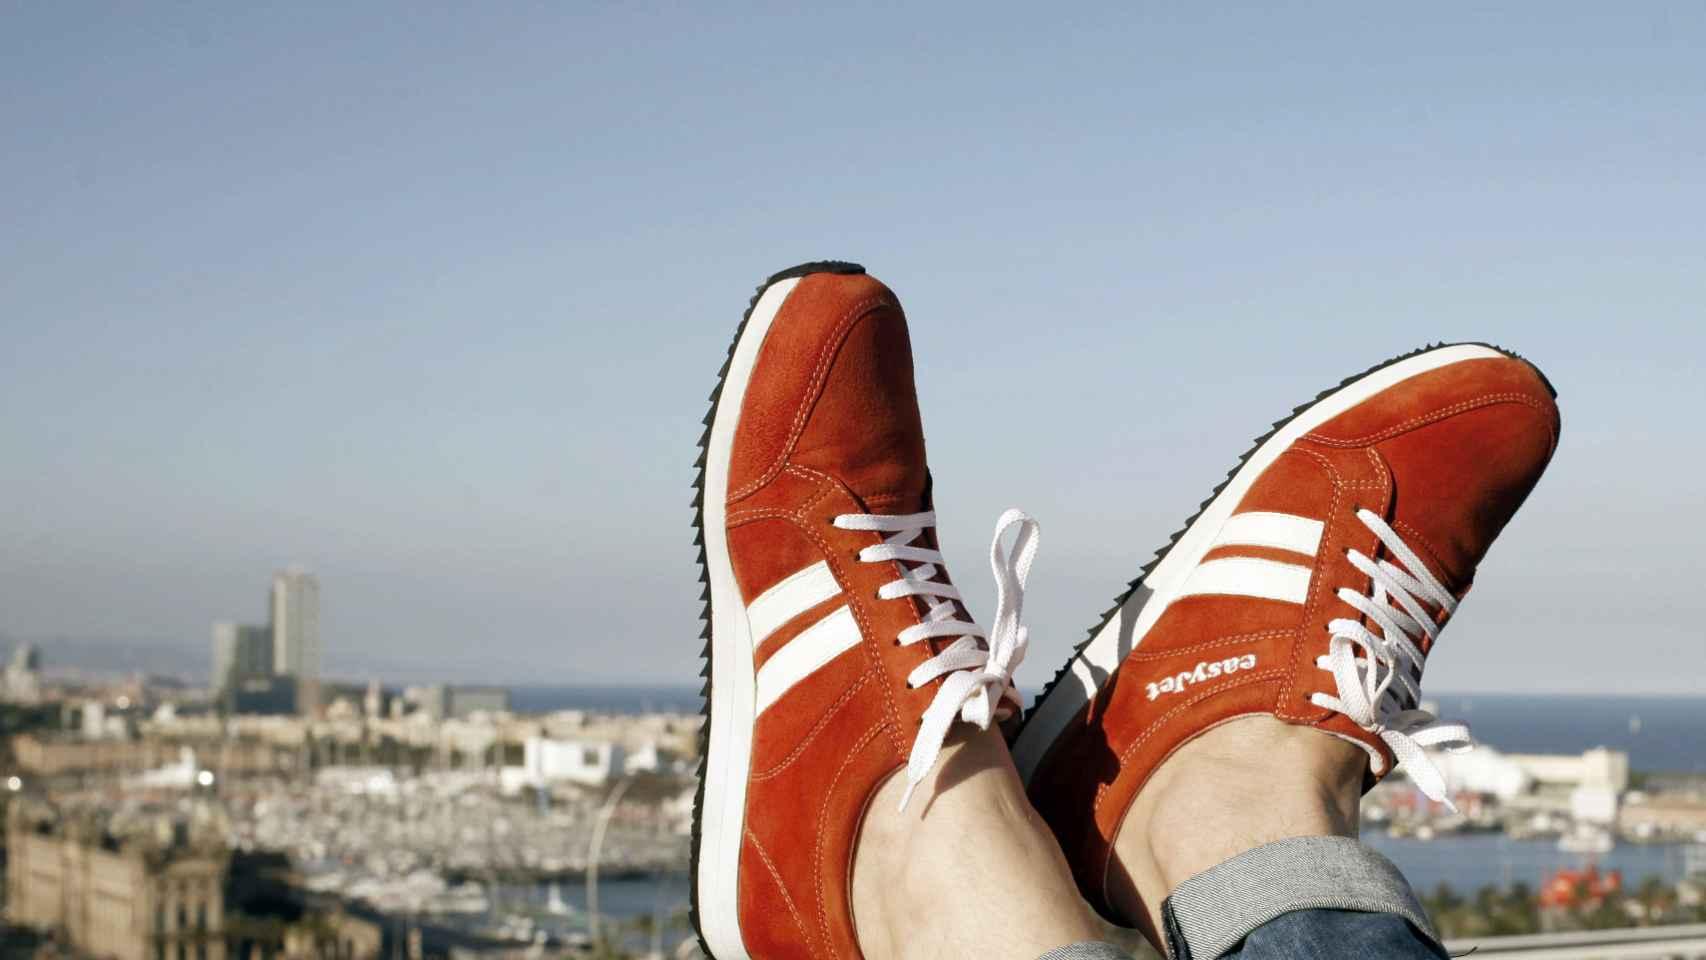 Sneakairs, las zapatillas ideadas por Easyjet.